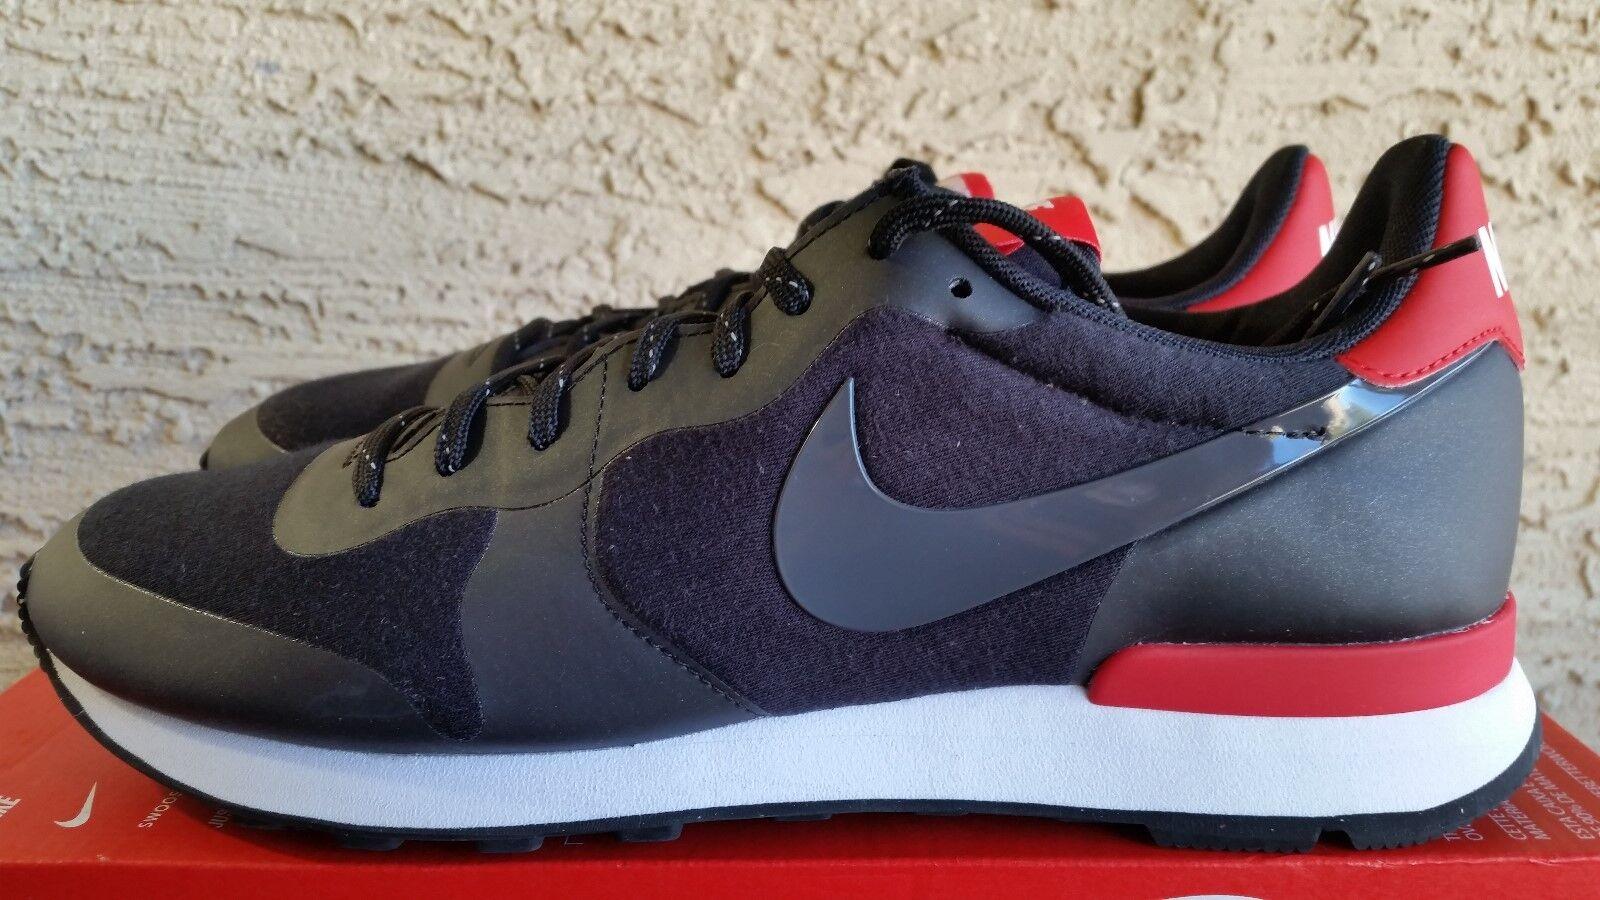 Nike Women's Internationalist Tech Fleece Black 749556 002 Size 11.5 = men's10